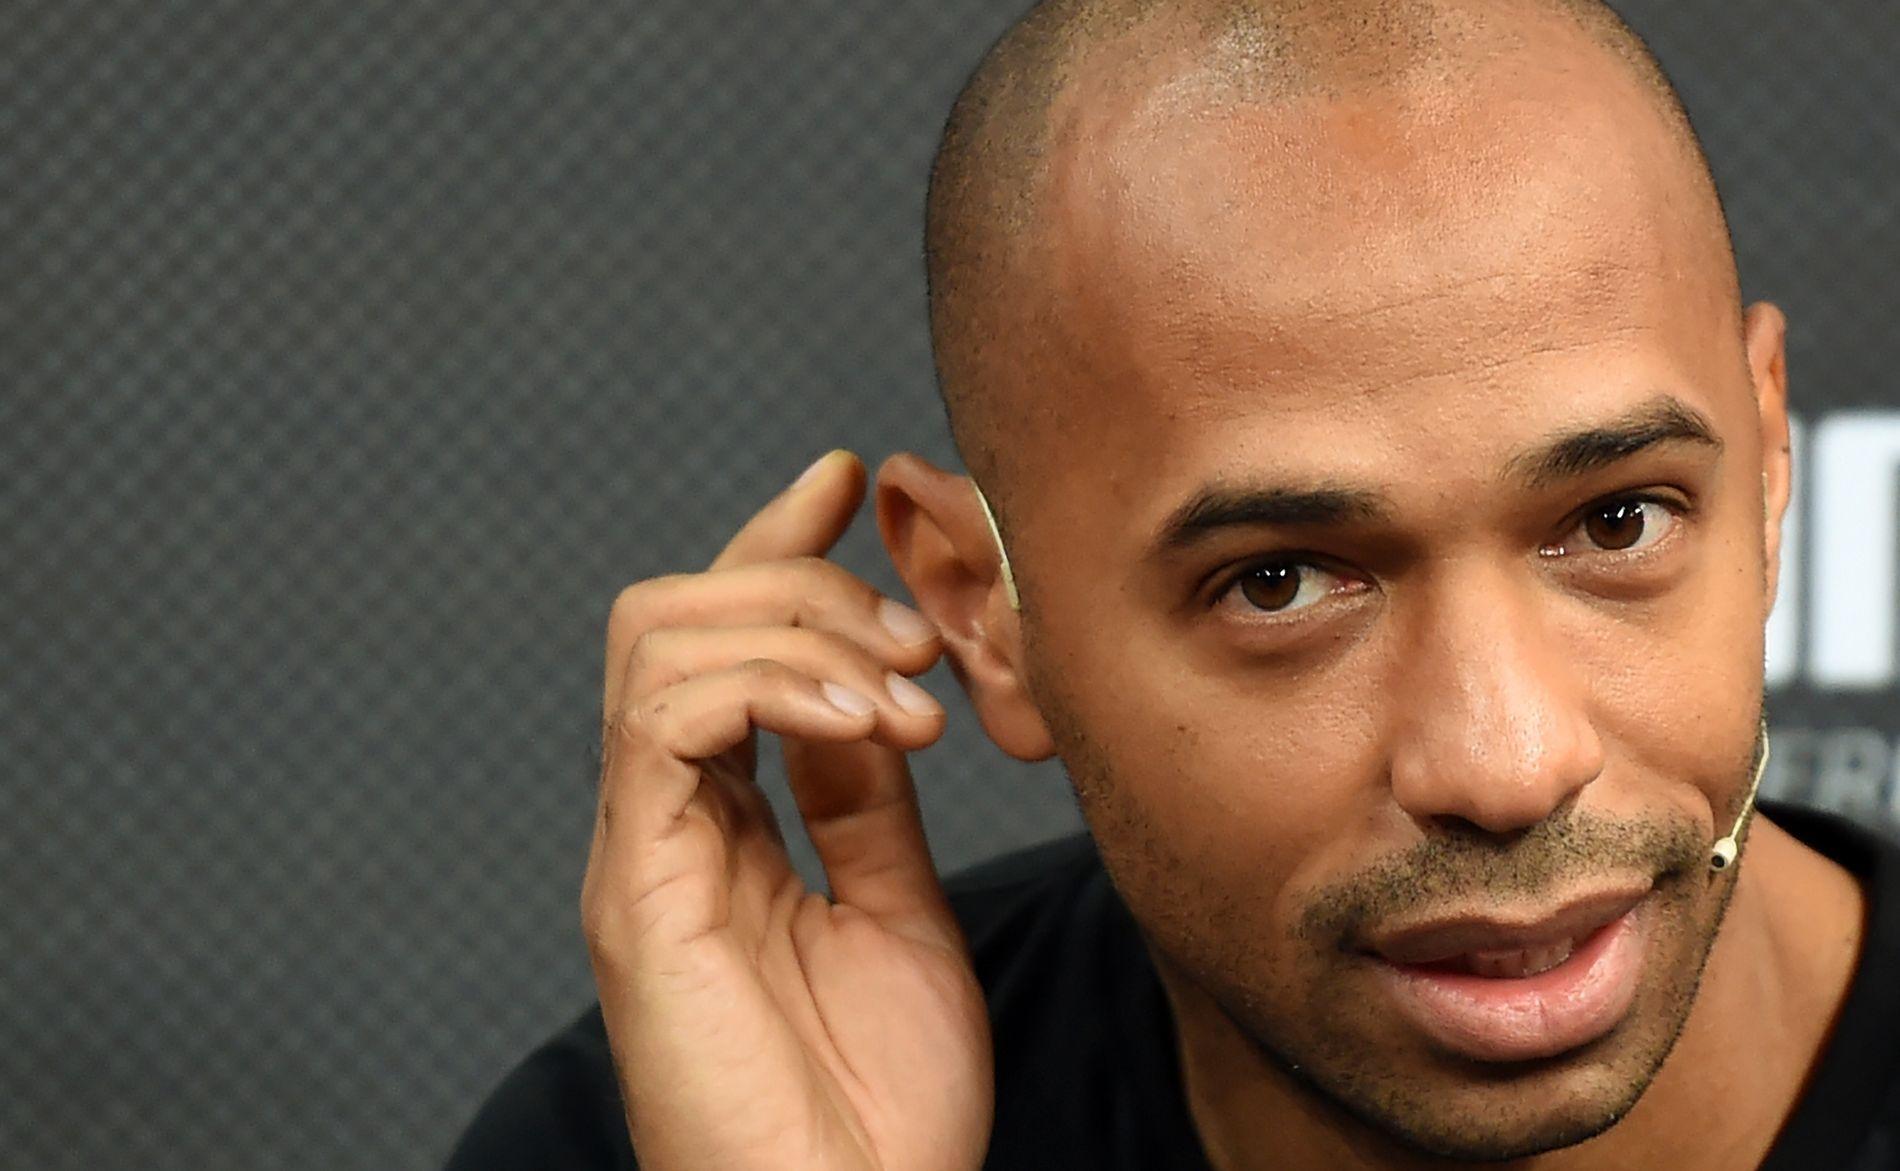 INNOVATIV: Thierry Henry gir råd til Belgias stjerner på utradisjonelt vis. Her er assistenttreneren og Sky Sports-eksperten avbildet på en pressekonferanse i oktober.